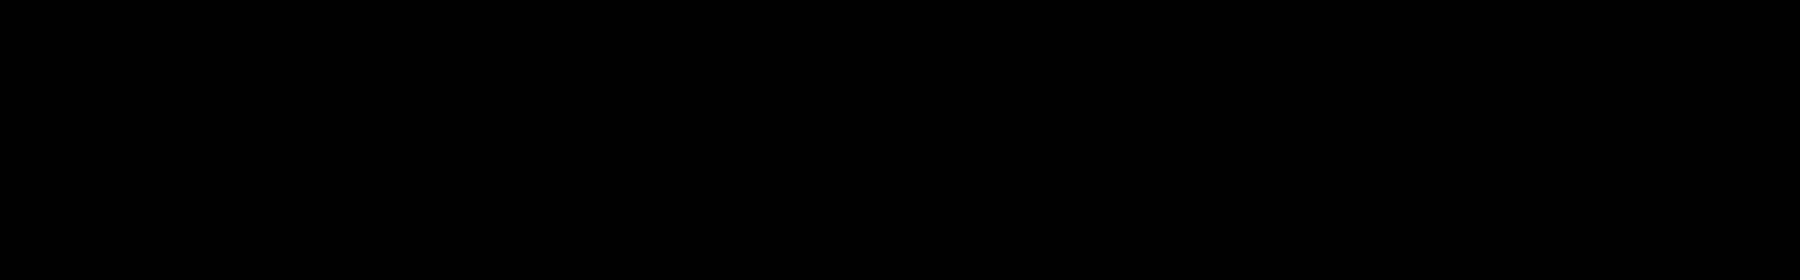 Energy audio waveform